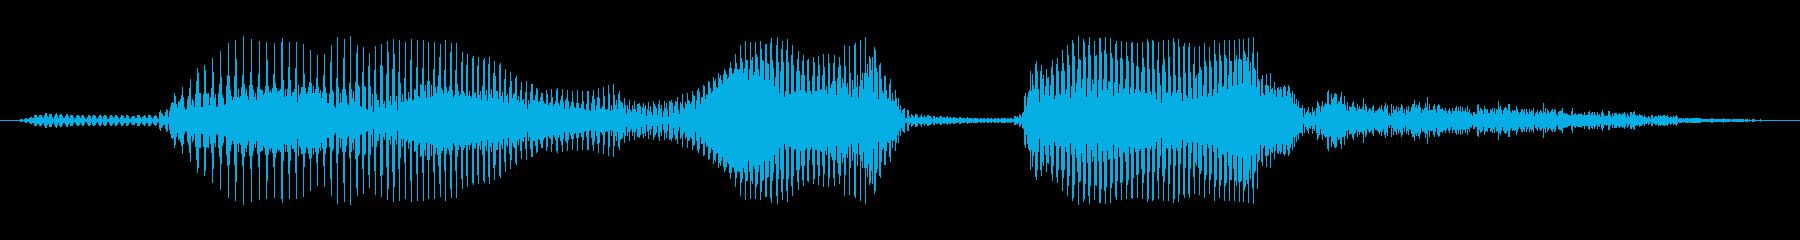 電話ですの再生済みの波形